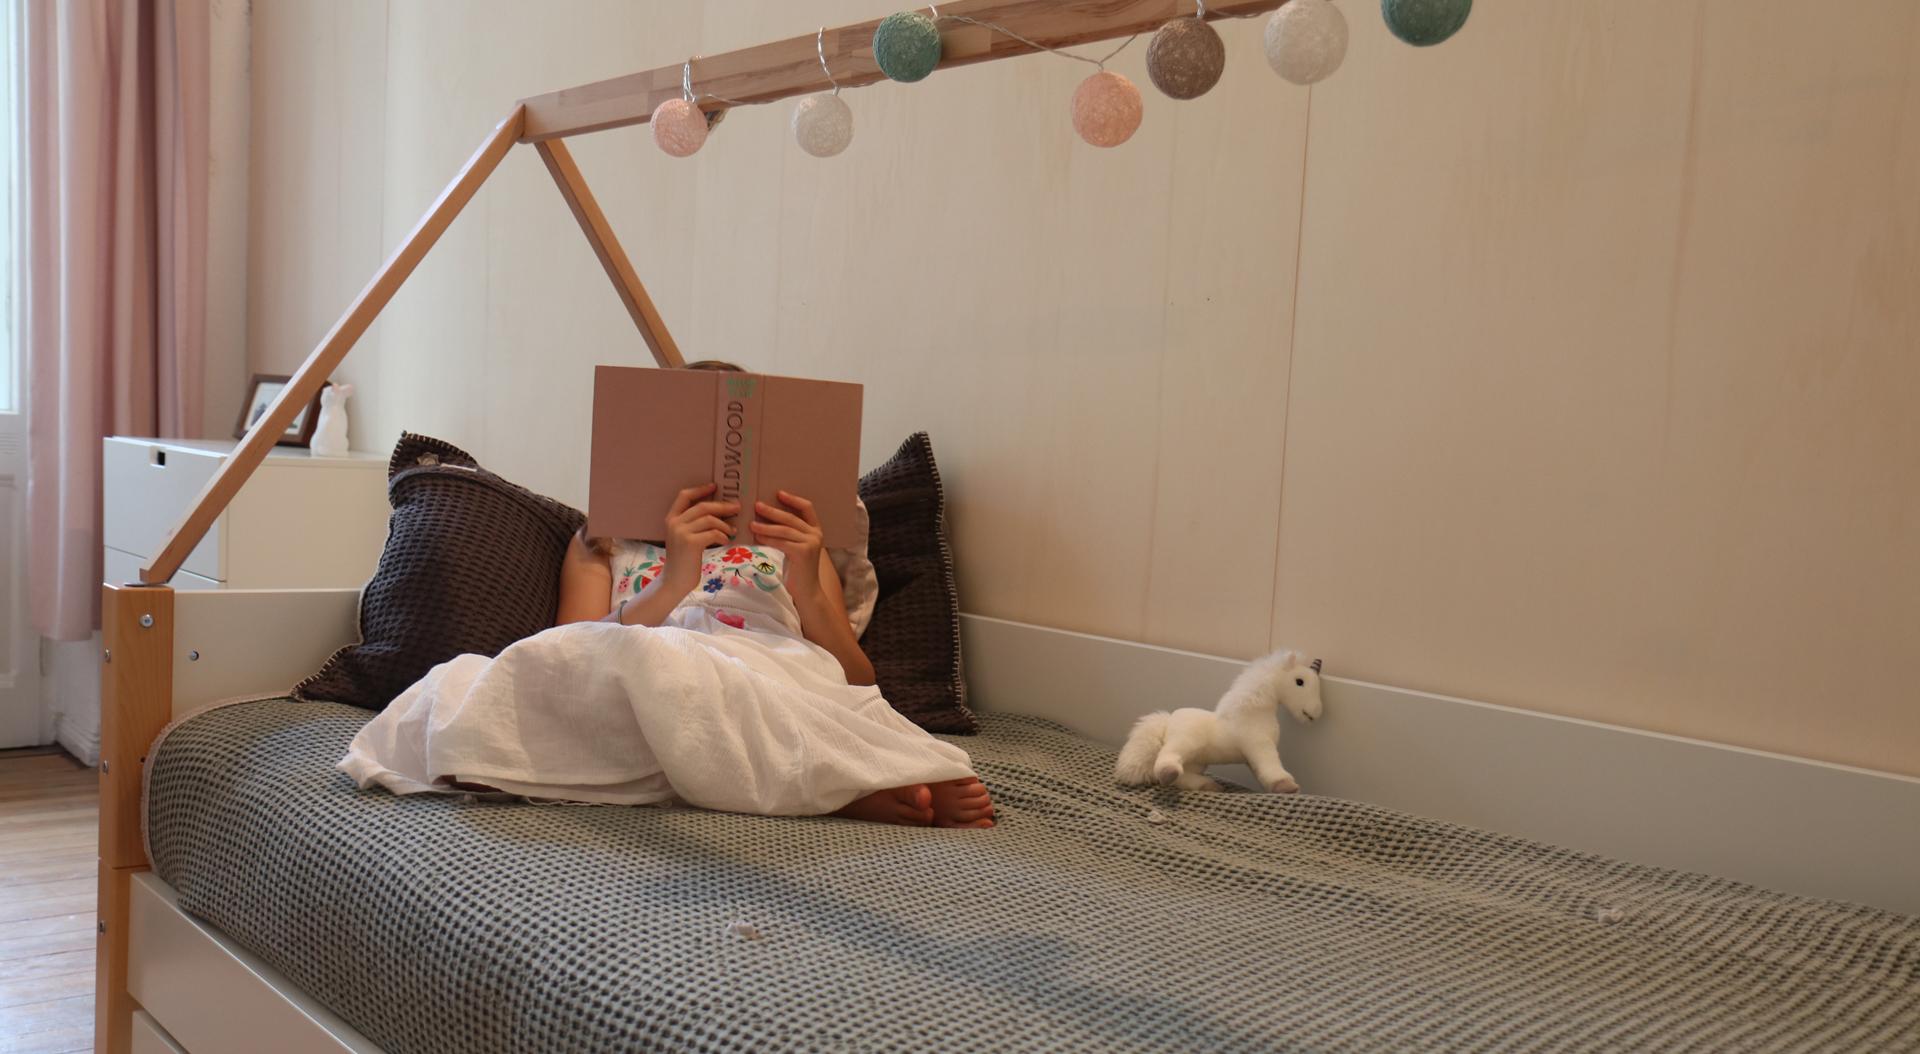 Full Size of Mitwachsendes Bett Von Manis H Fr Wachsende Werbung Runde Betten Münster De Kaufen 140x200 Außergewöhnliche Teenager Moebel Somnus Für übergewichtige Hohe Bett Schöne Betten